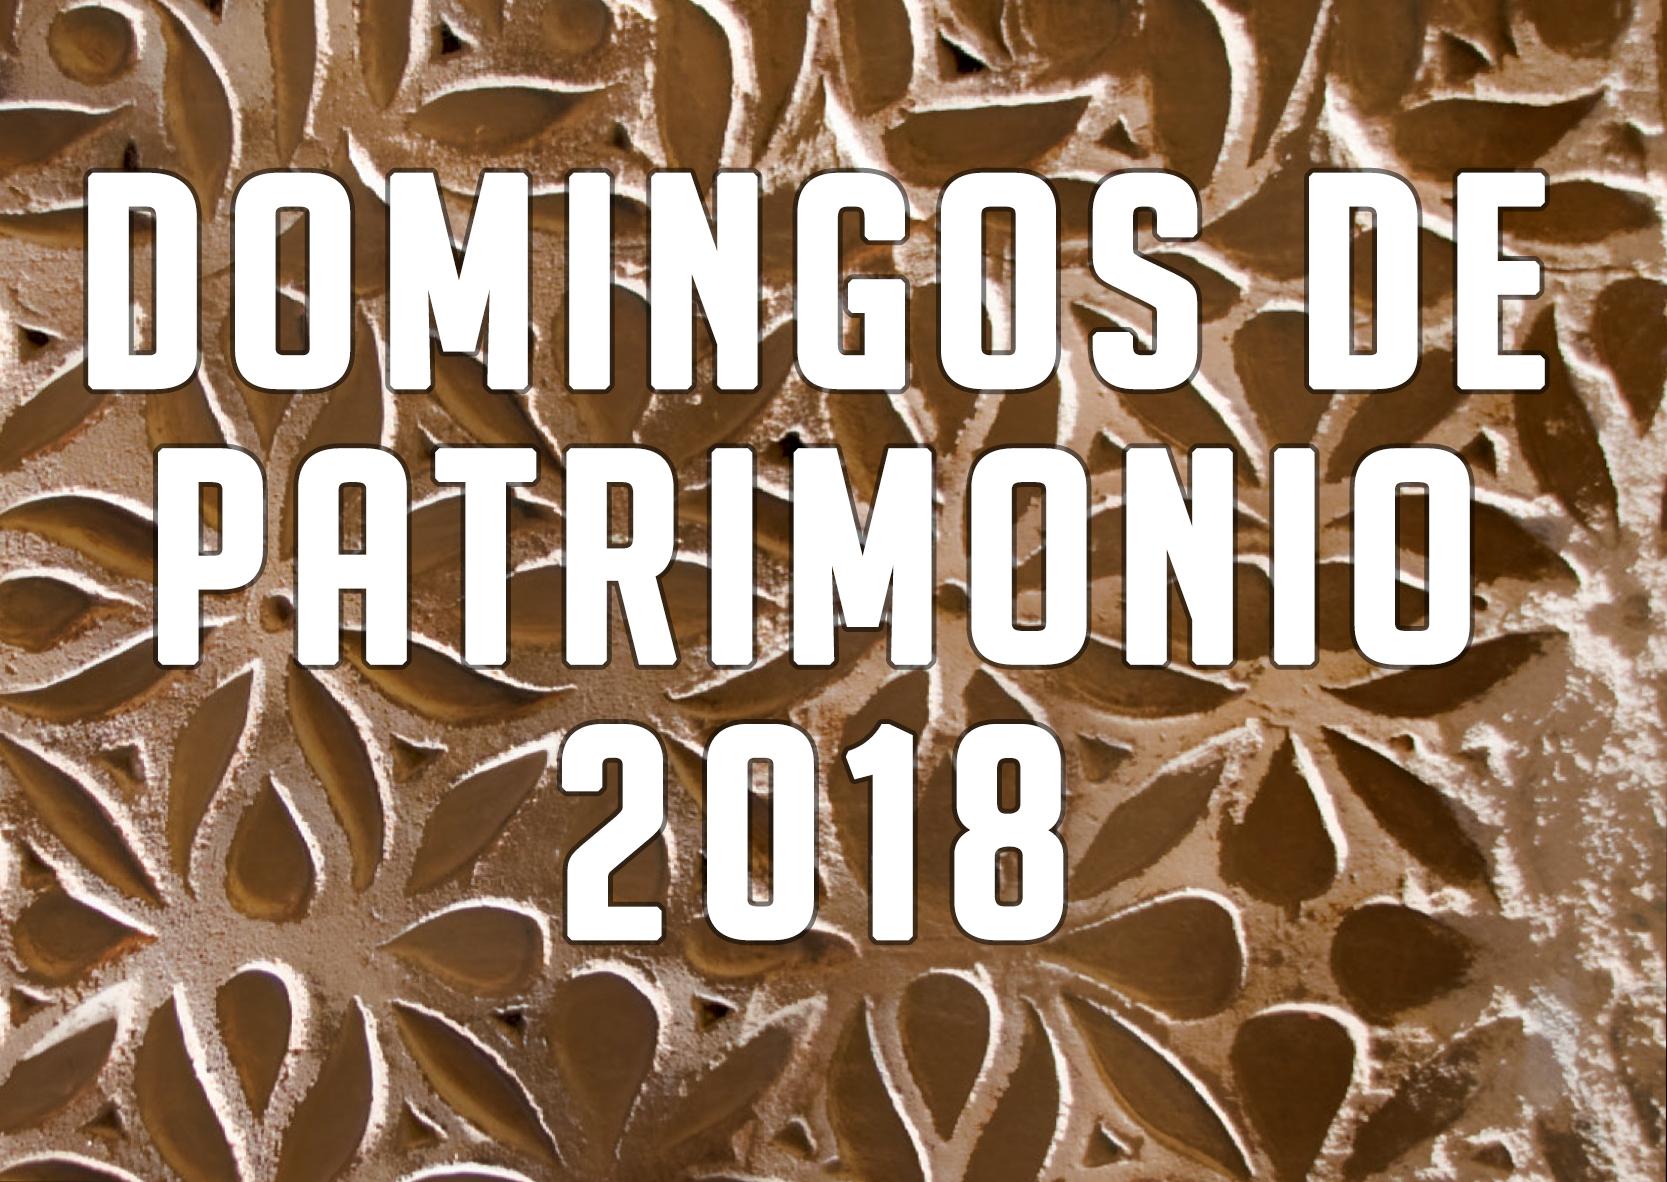 DIMANCHES DU PATRIMOINE